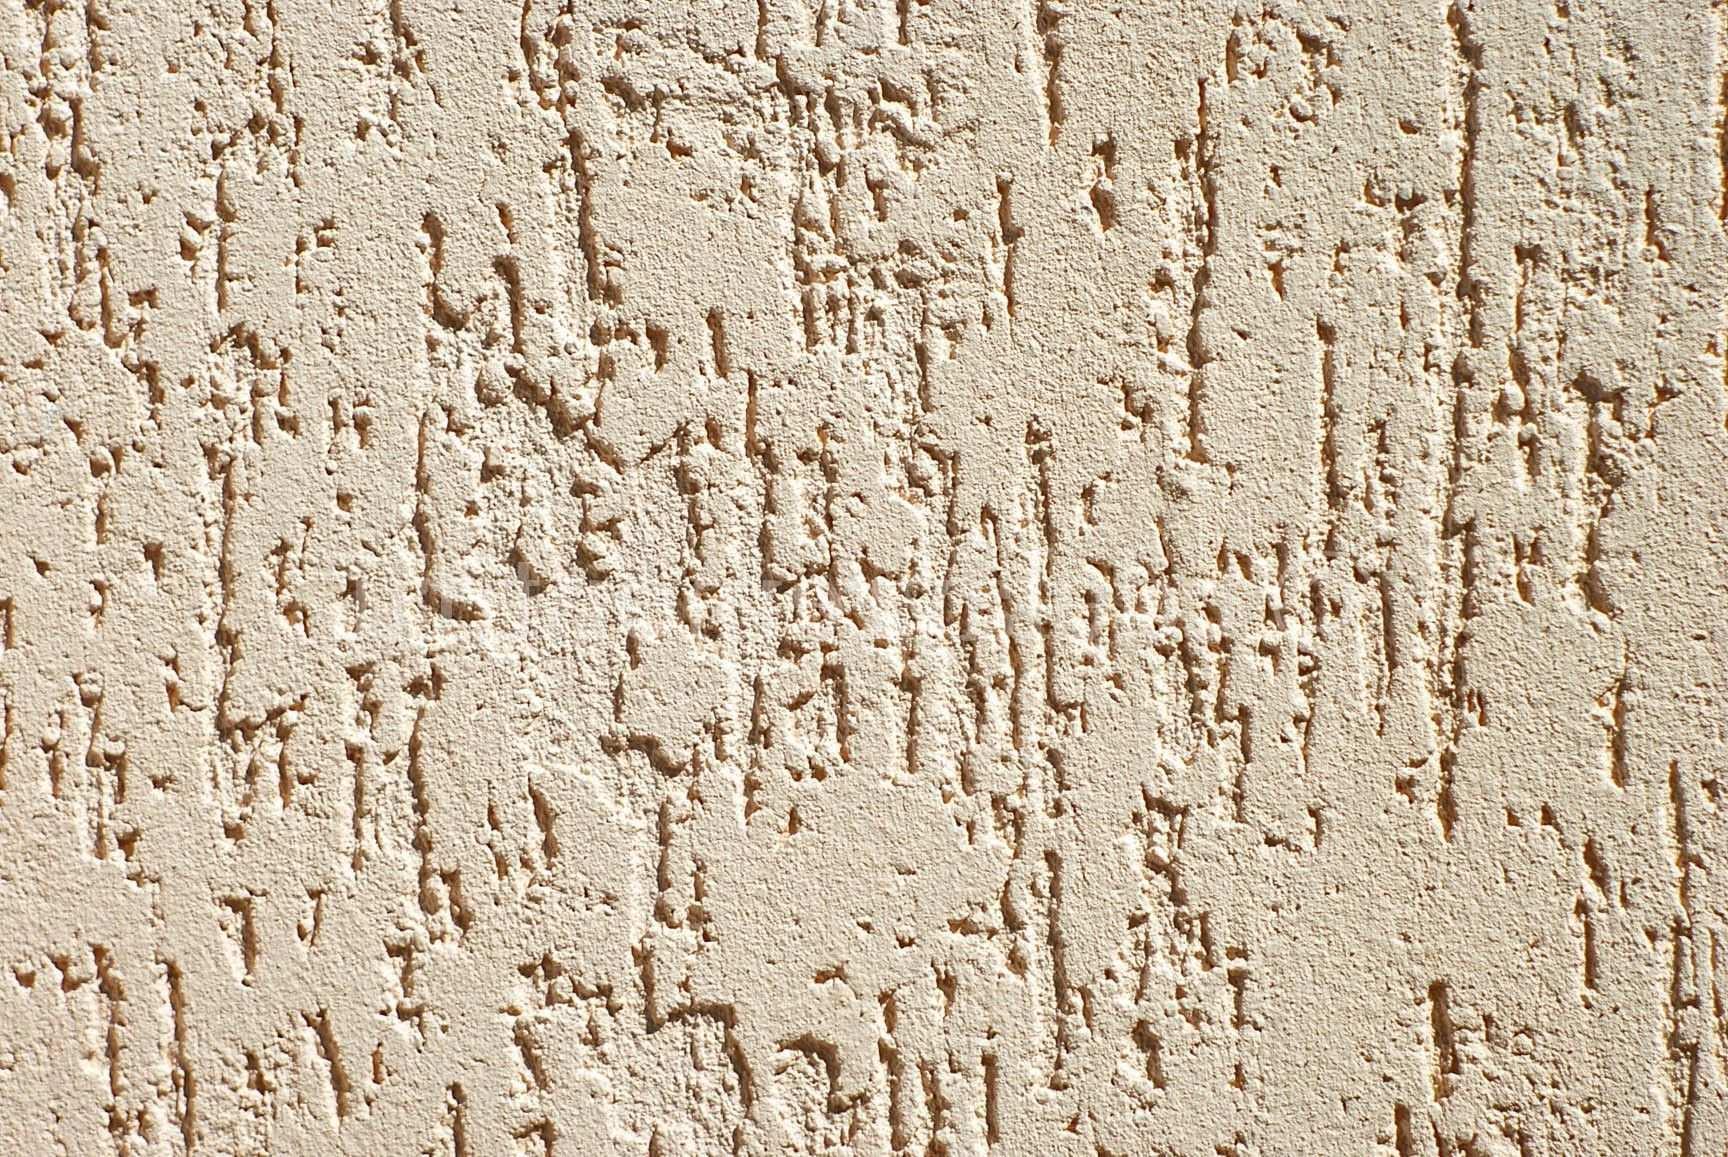 Strukturputz Farben Muster Und Texturen Fur Aussen Und Innen Ideas Wandgestaltungstreichputz Thep Plaster Wall Texture Wall Colour Texture Plaster Texture